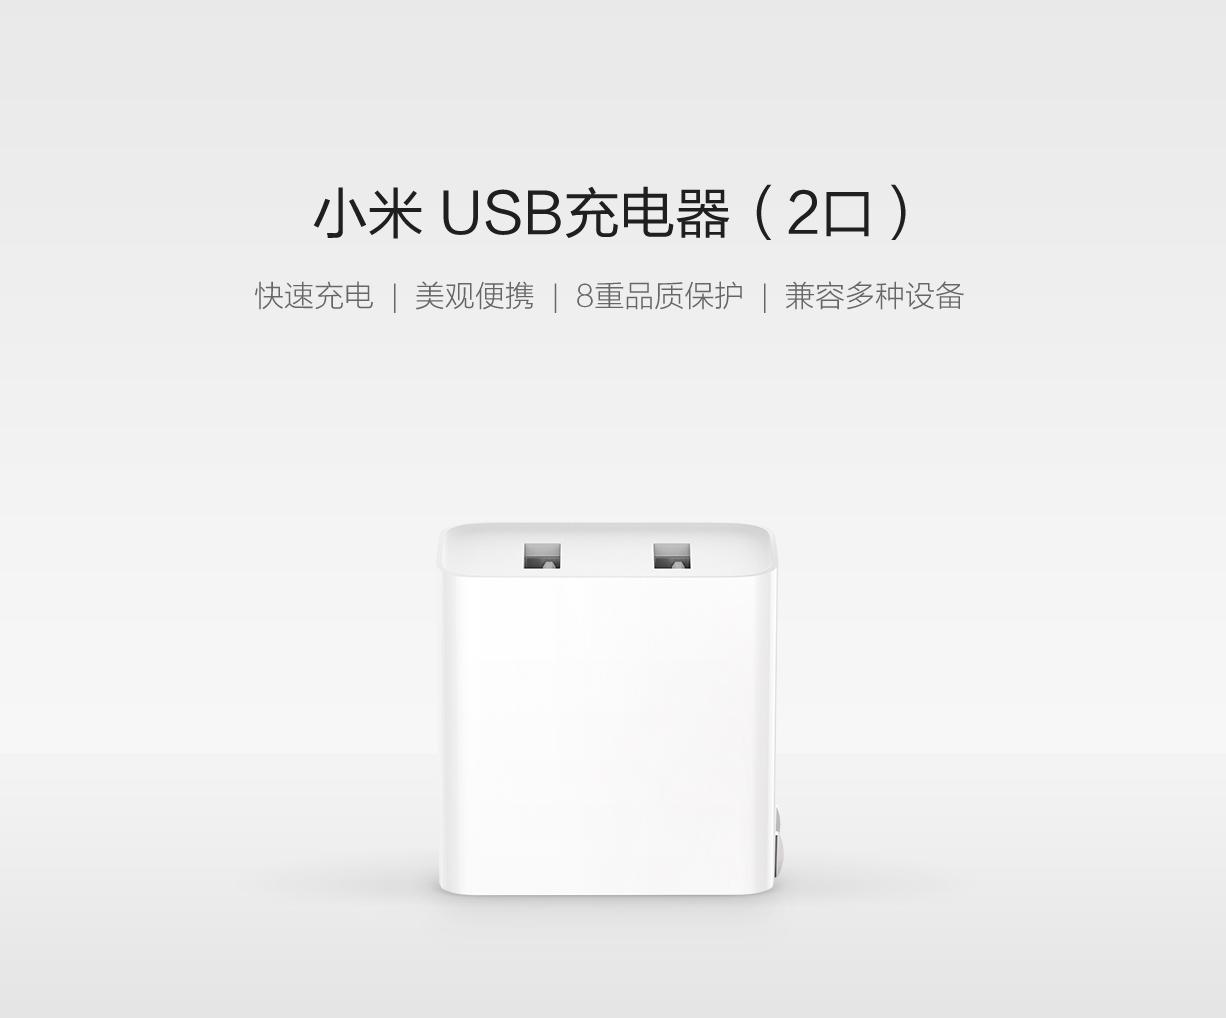 xiaomi charge qc 3.0